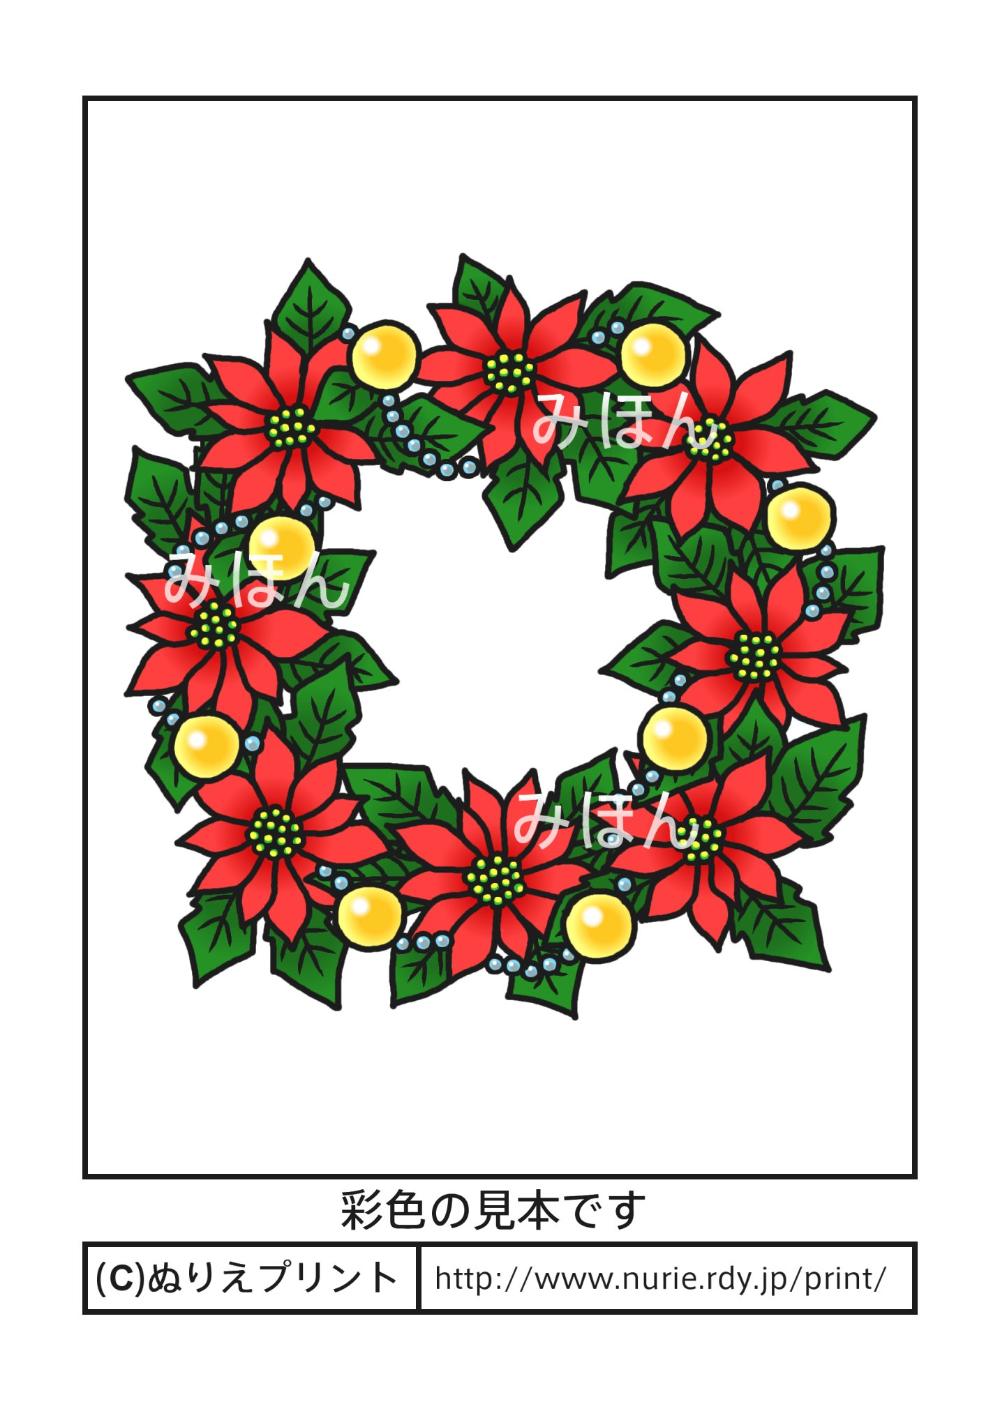 リース2 彩色見本 クリスマス 冬の季節 行事 大人の塗り絵 ぬりえプリント ぬりえ 塗り絵 色見本